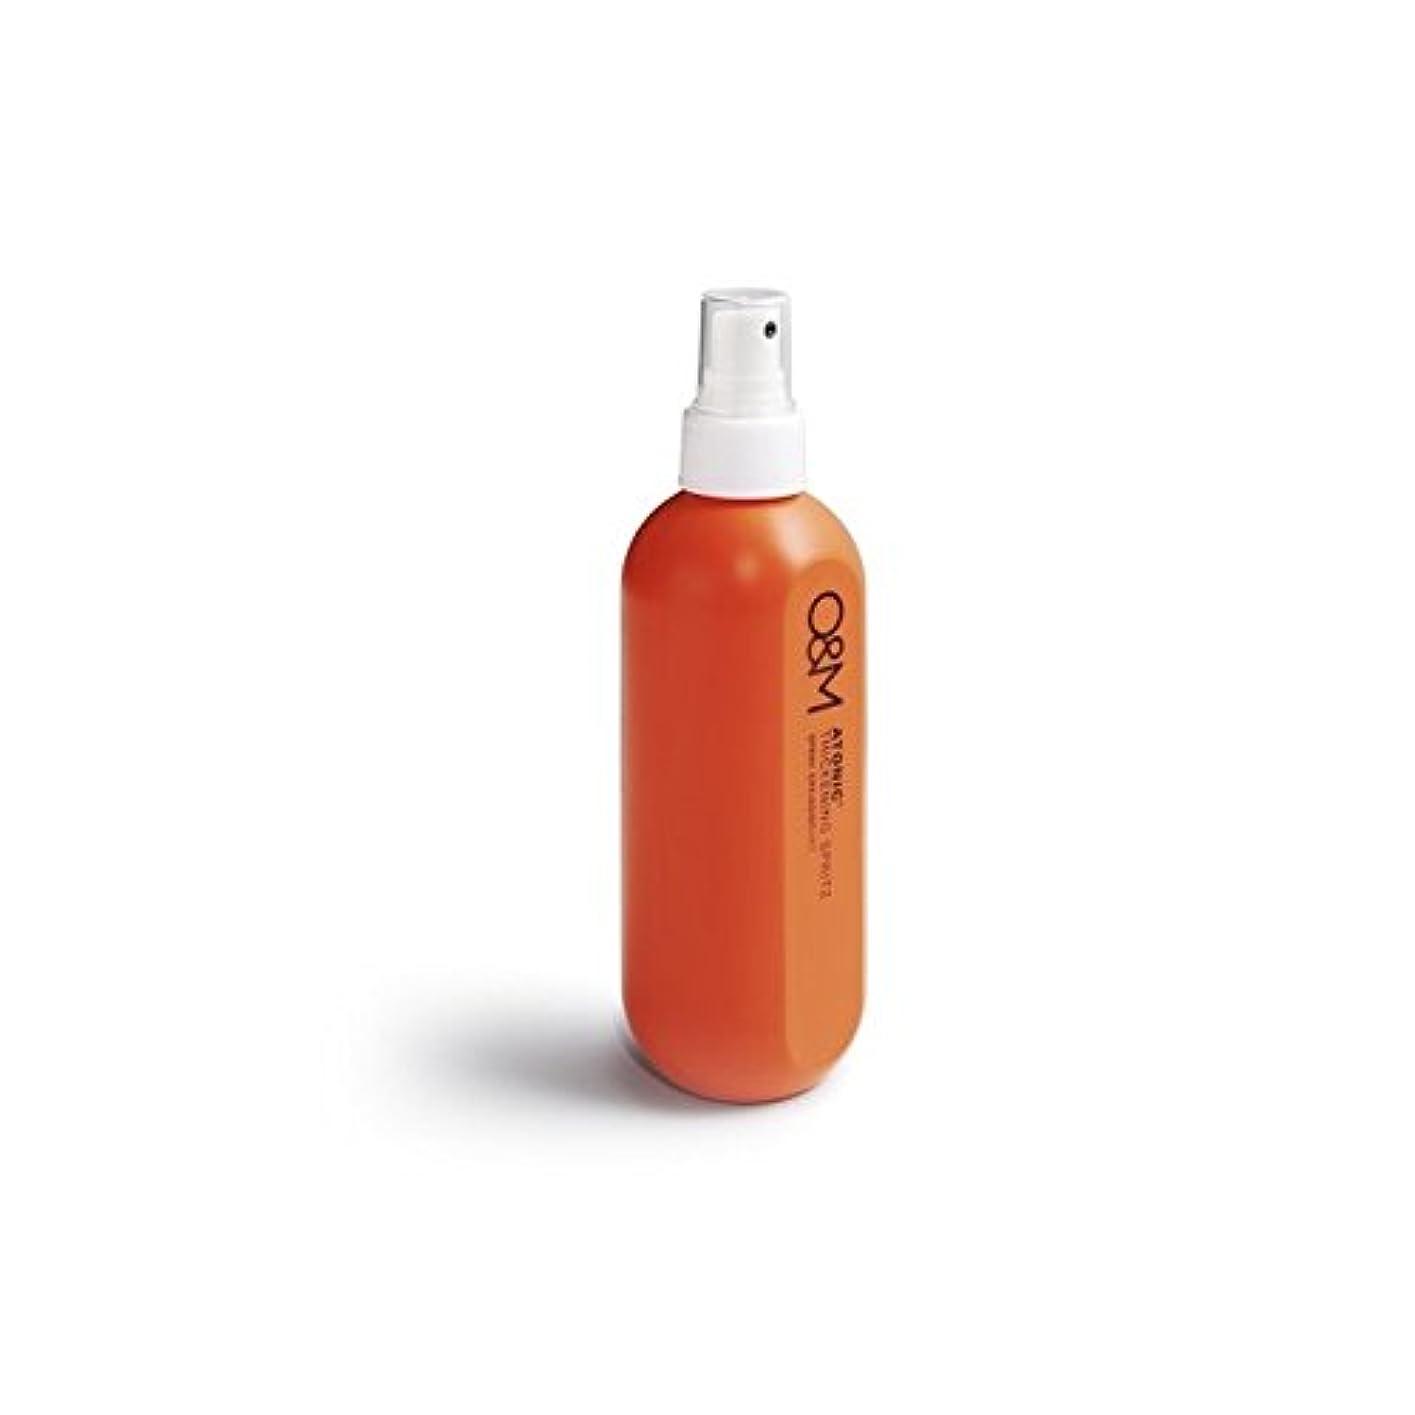 減らすさびた治療Original & Mineral Atonic Thickening Spritz (250ml) - オリジナル&ミネラル脱力増粘スプリッツ(250ミリリットル) [並行輸入品]